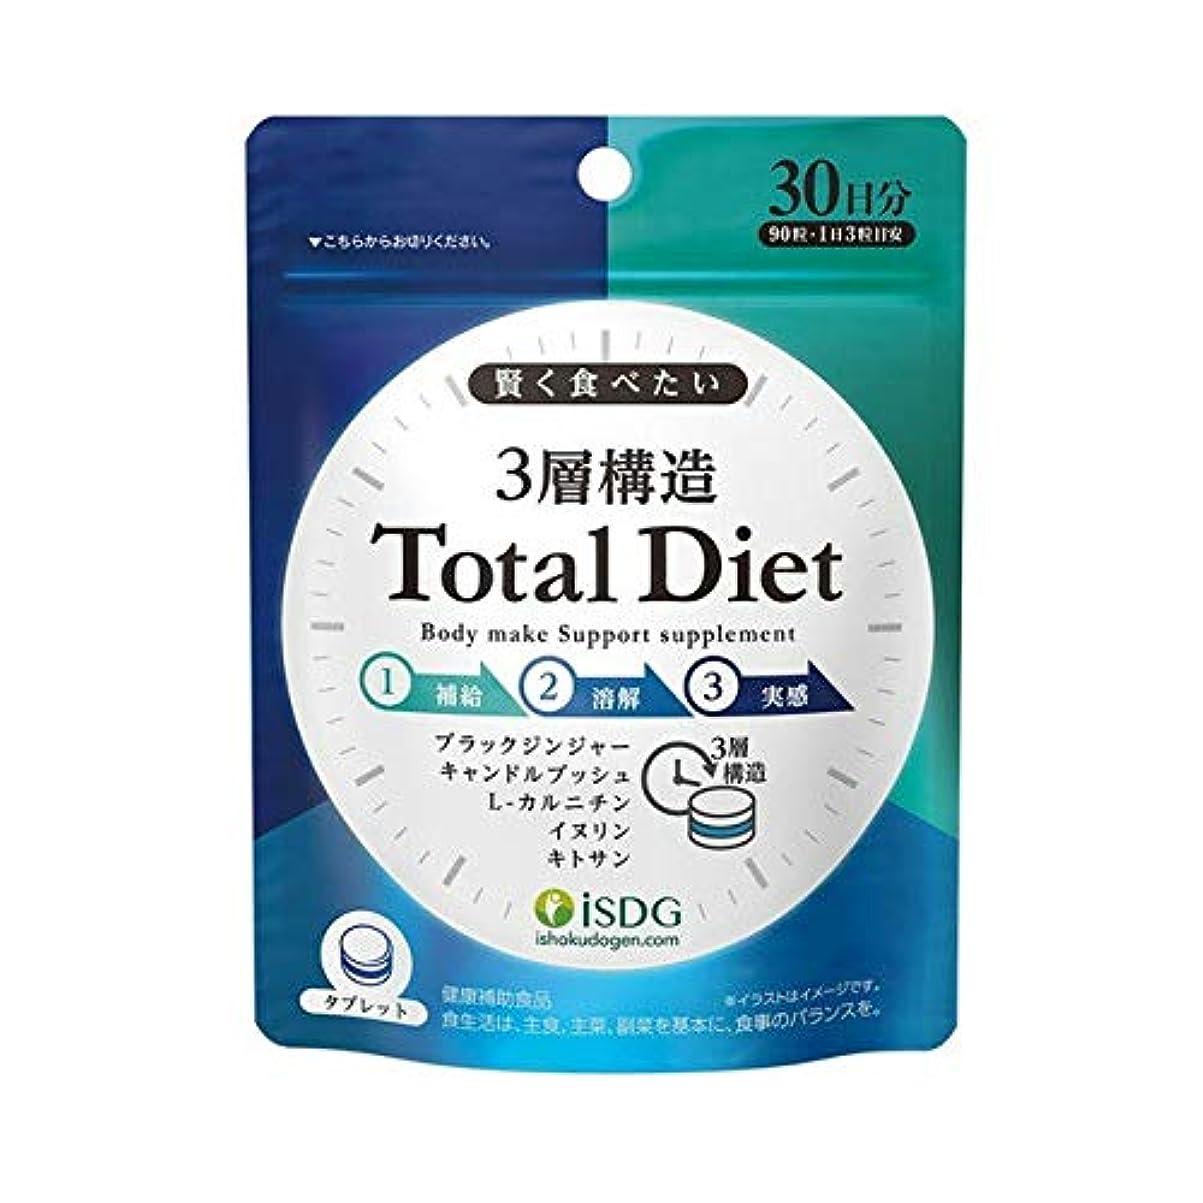 脈拍肉のバイオレット医食同源ドットコム ISDG 3層構造 Total Diet 90粒入 トータル ダイエット×3個セット